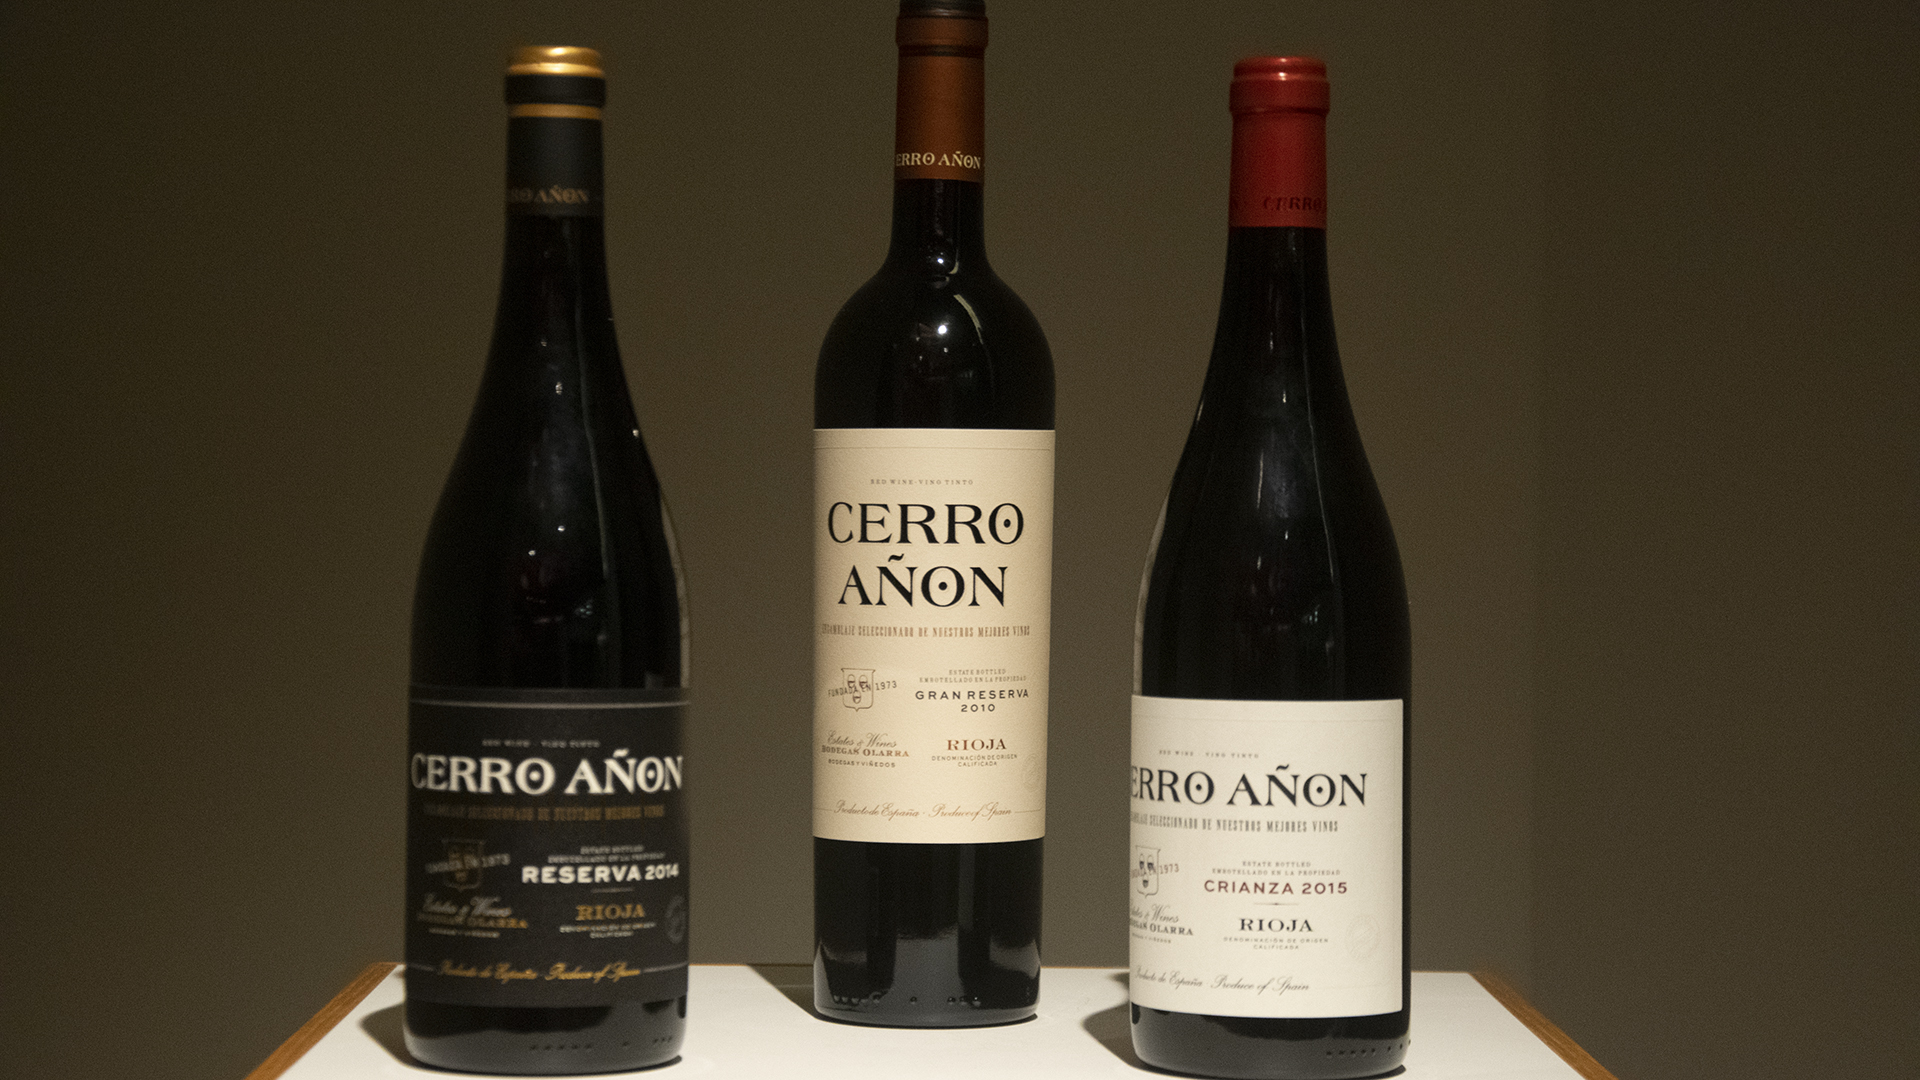 Enoturismo Bodegas Olarra Logroño La Rioja